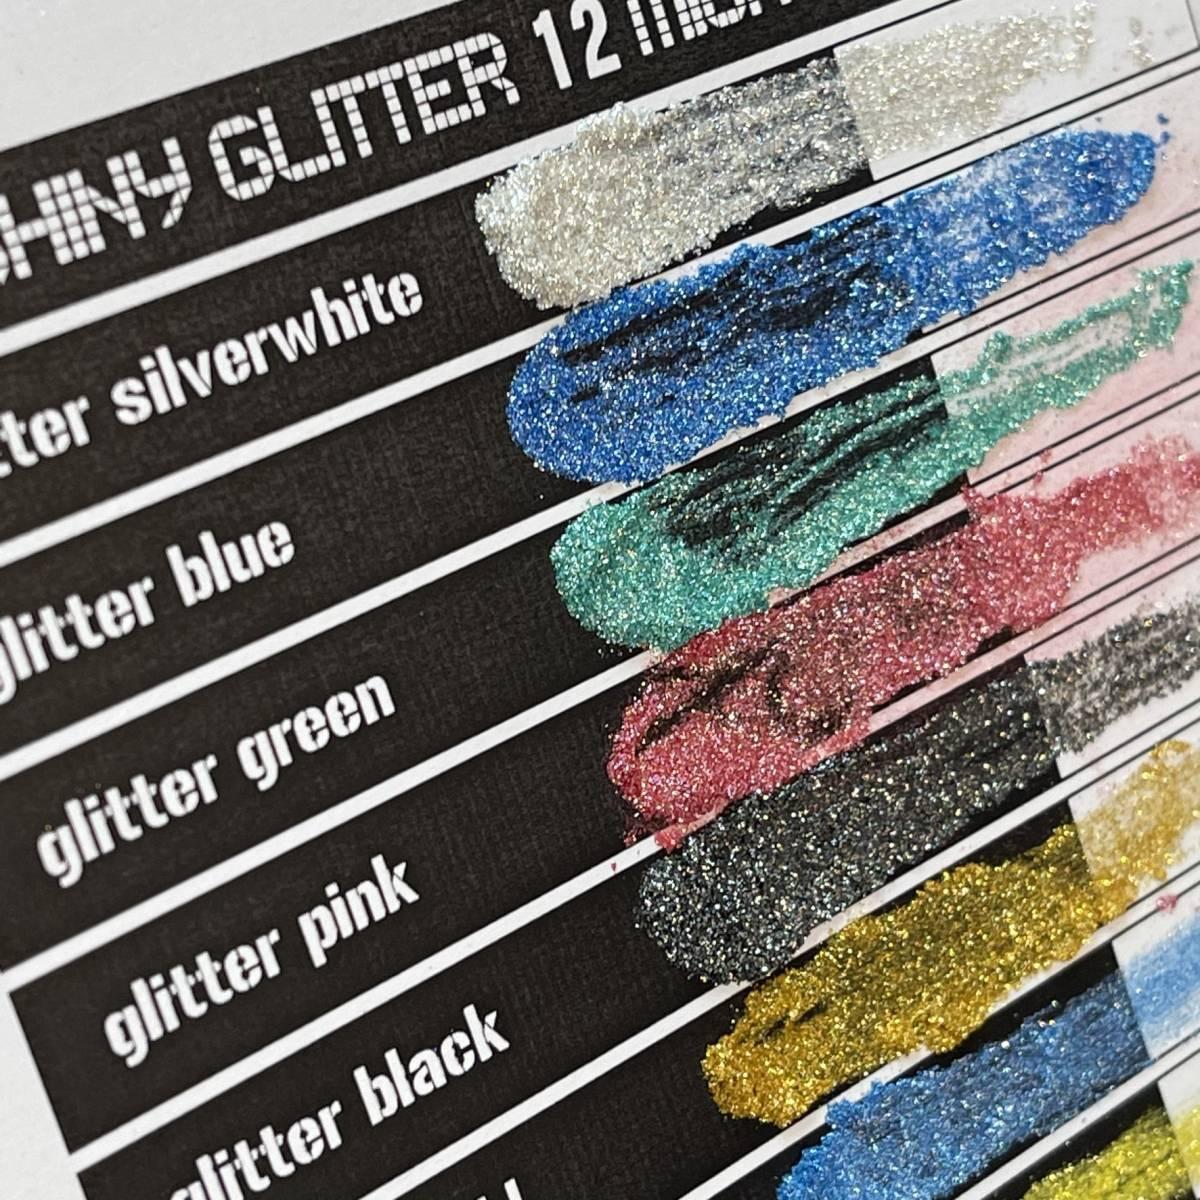 ★マイカパウダー EXSHINY GLITTER 12 MICAPOWDER グリッター系 12色 set 各約5g UVレジン エポキシ ネイル 雲母粉 顔料 数量限定★